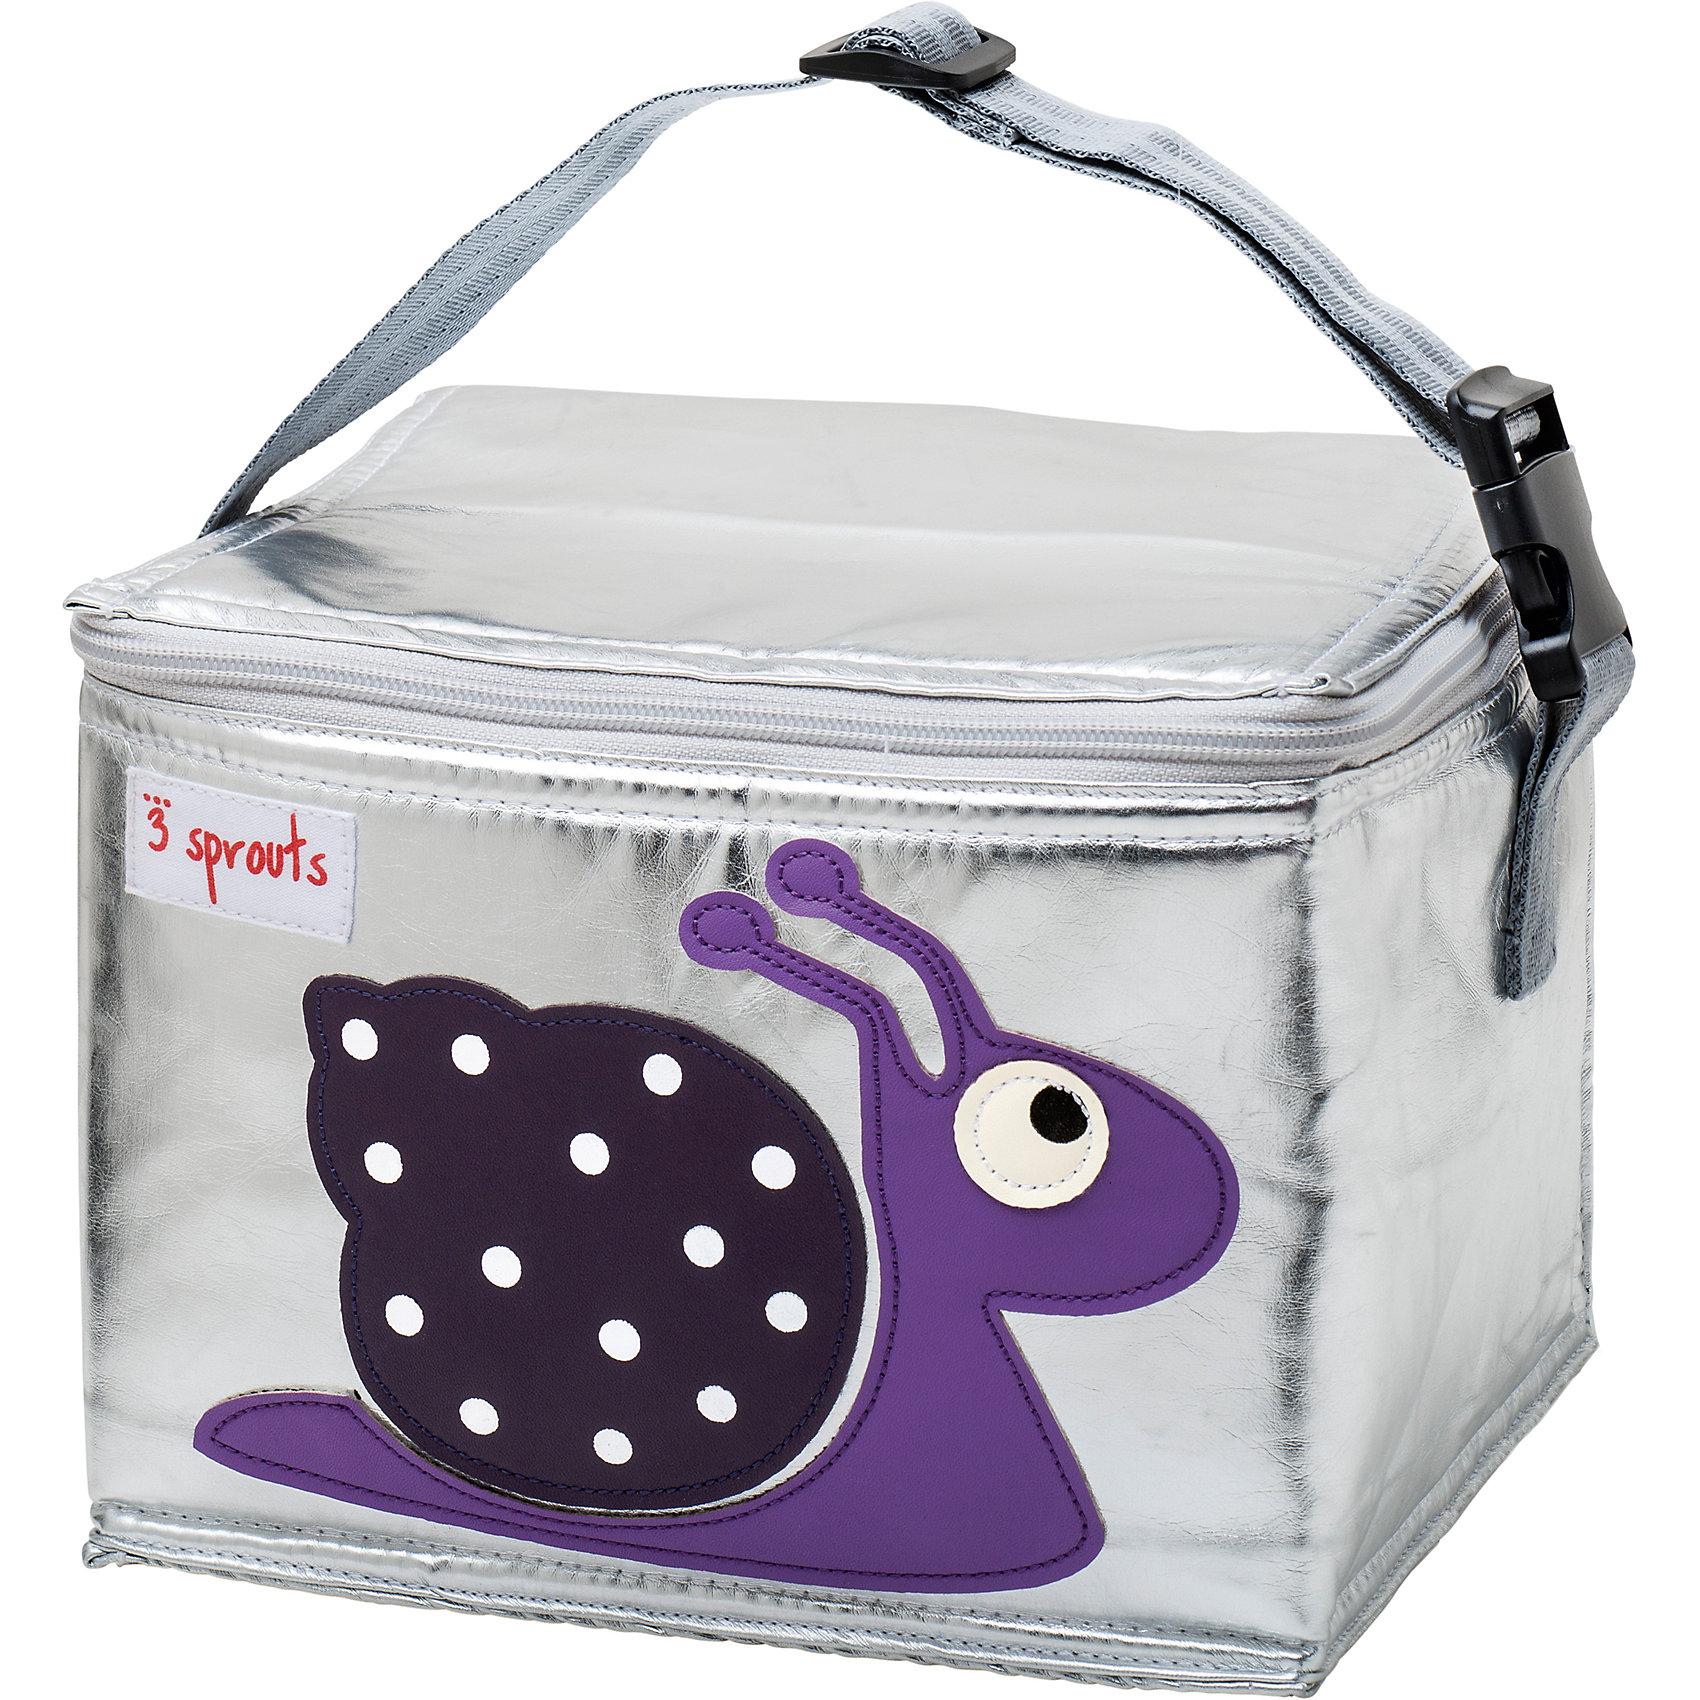 Сумка для обеда Улитка (Purple Snail SPR1004), 3 Sprouts, фиолетовыйПрекрасная сумка для обеда! Размер идеален для контейнеров, так что вы можете отправить детей в школу вместе с сытными закусками и обедами.<br><br>Дополнительная информация:<br><br>- Размер: 17х17х22 см.<br>- Материал: полиуретан, полиэтиленовая пена, PEVA.<br>- Орнамент: Улитка.<br>- Цвет: фиолетовый.<br><br>Купить сумку для обеда Улитка (Purple Snail), можно в нашем магазине.<br><br>Ширина мм: 170<br>Глубина мм: 40<br>Высота мм: 250<br>Вес г: 200<br>Возраст от месяцев: 6<br>Возраст до месяцев: 84<br>Пол: Унисекс<br>Возраст: Детский<br>SKU: 5098263